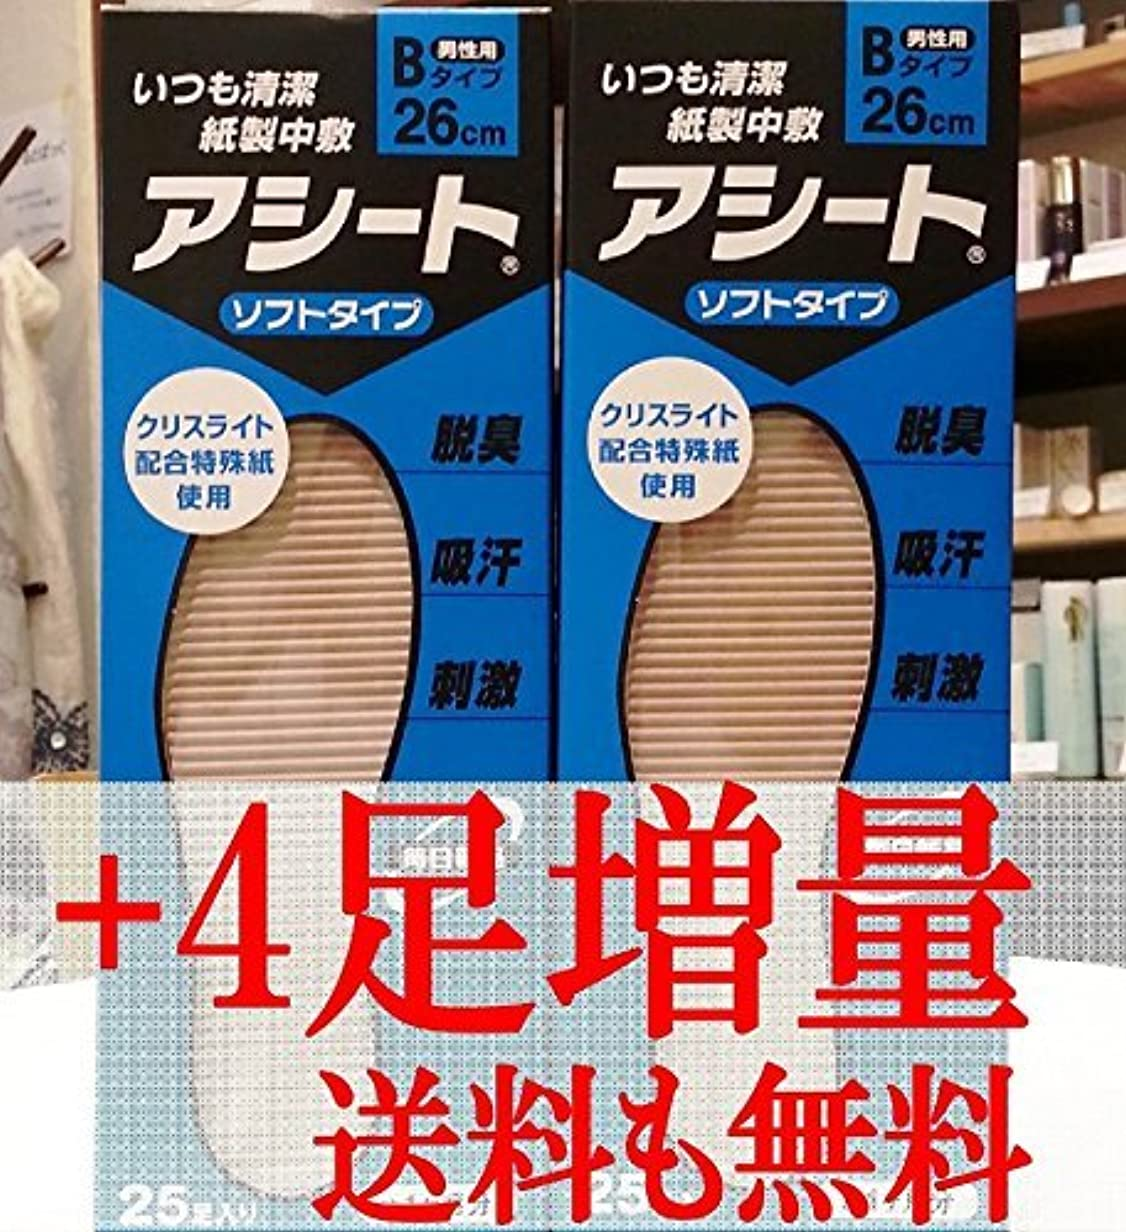 マージンカタログ有力者アシートB 25足入2箱セット+4足増量中(25cm)